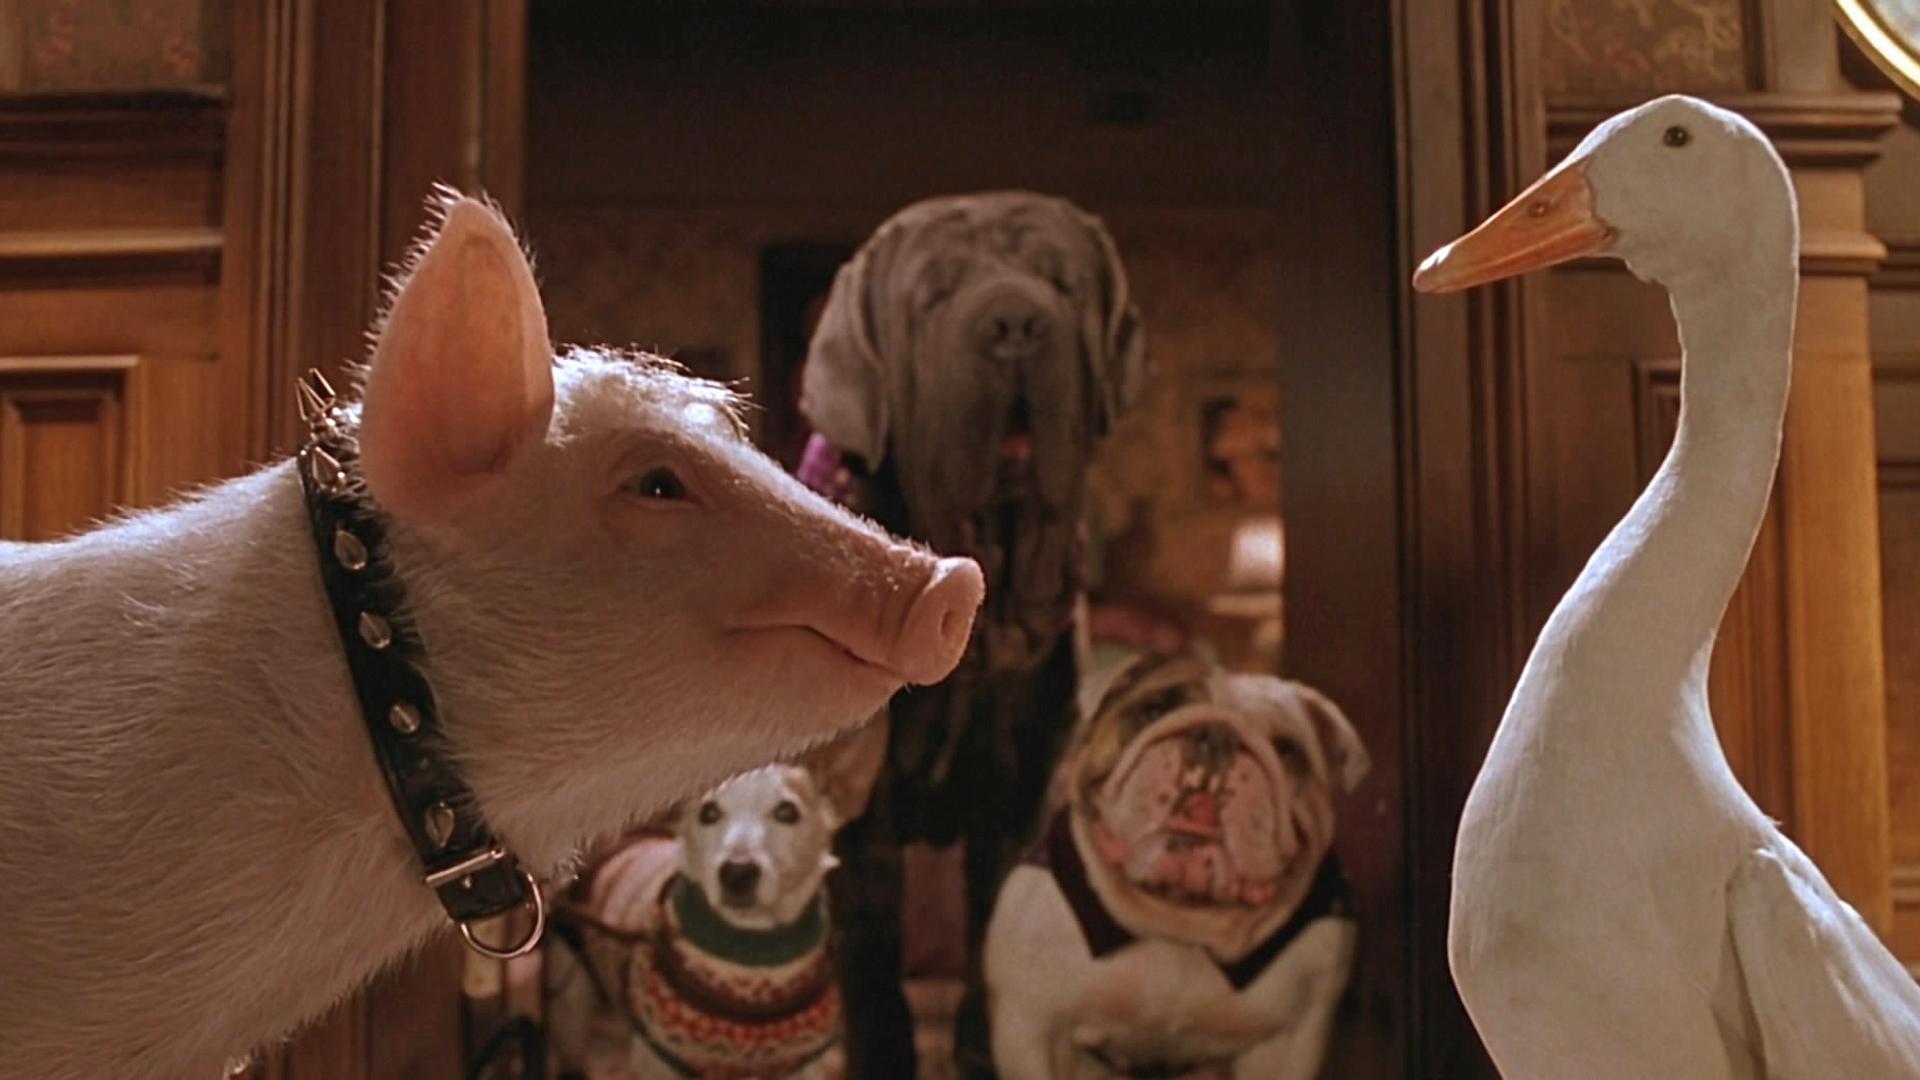 фото гуся и собаки мультяшки